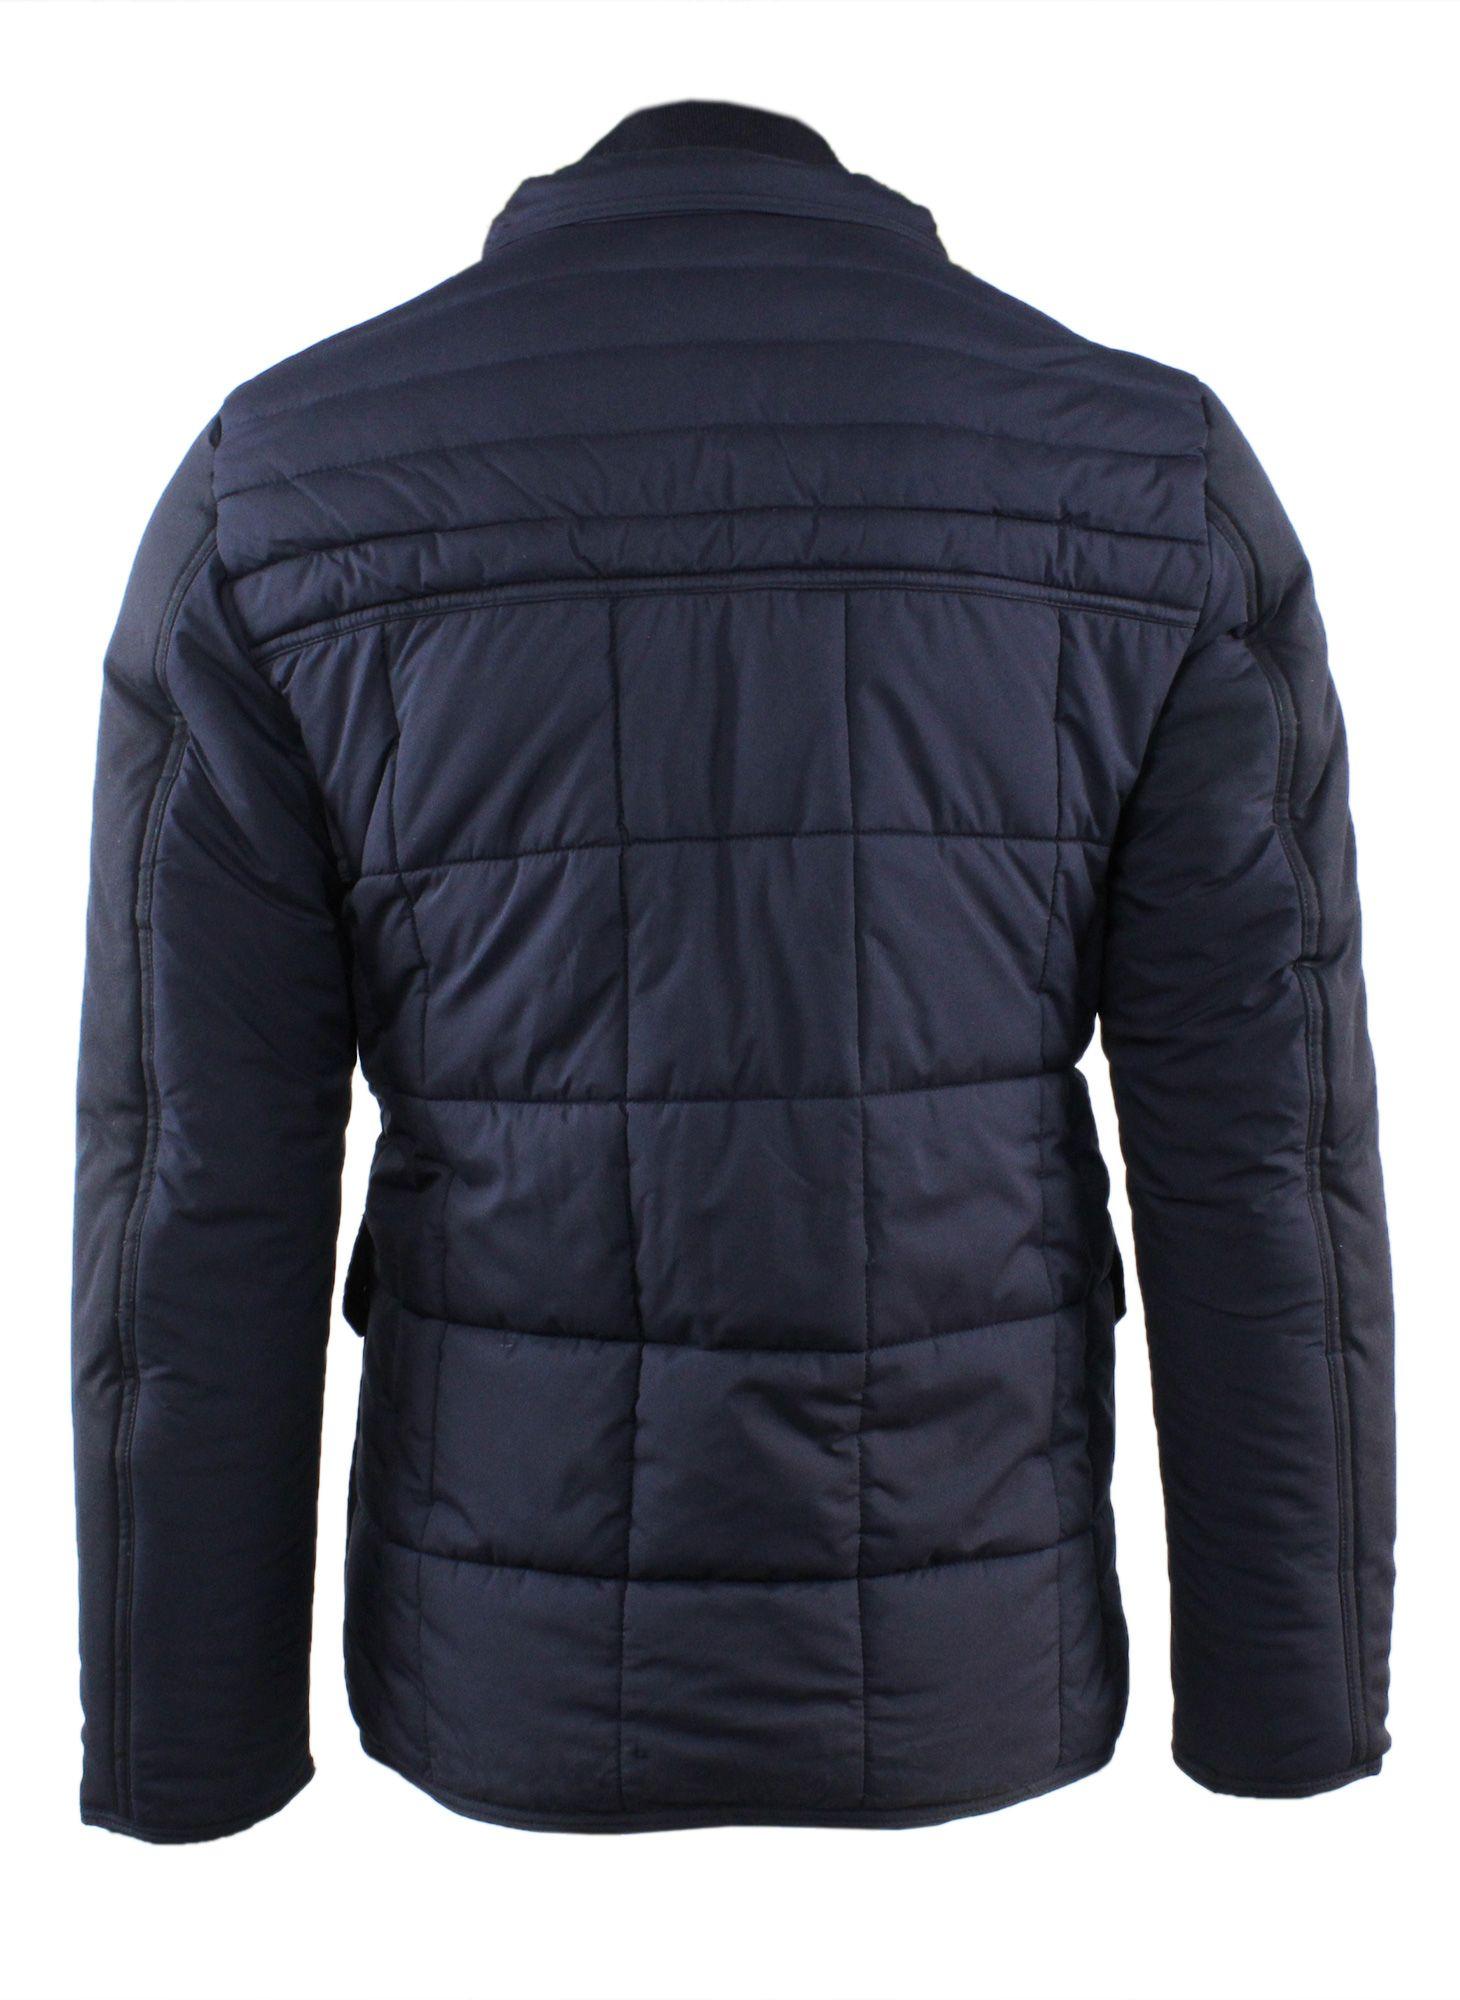 Giubbotto-Uomo-Invernale-Slim-Fit-Blu-Nero-Giacca-Elegante-Trapuntata-Cappotto miniatura 7